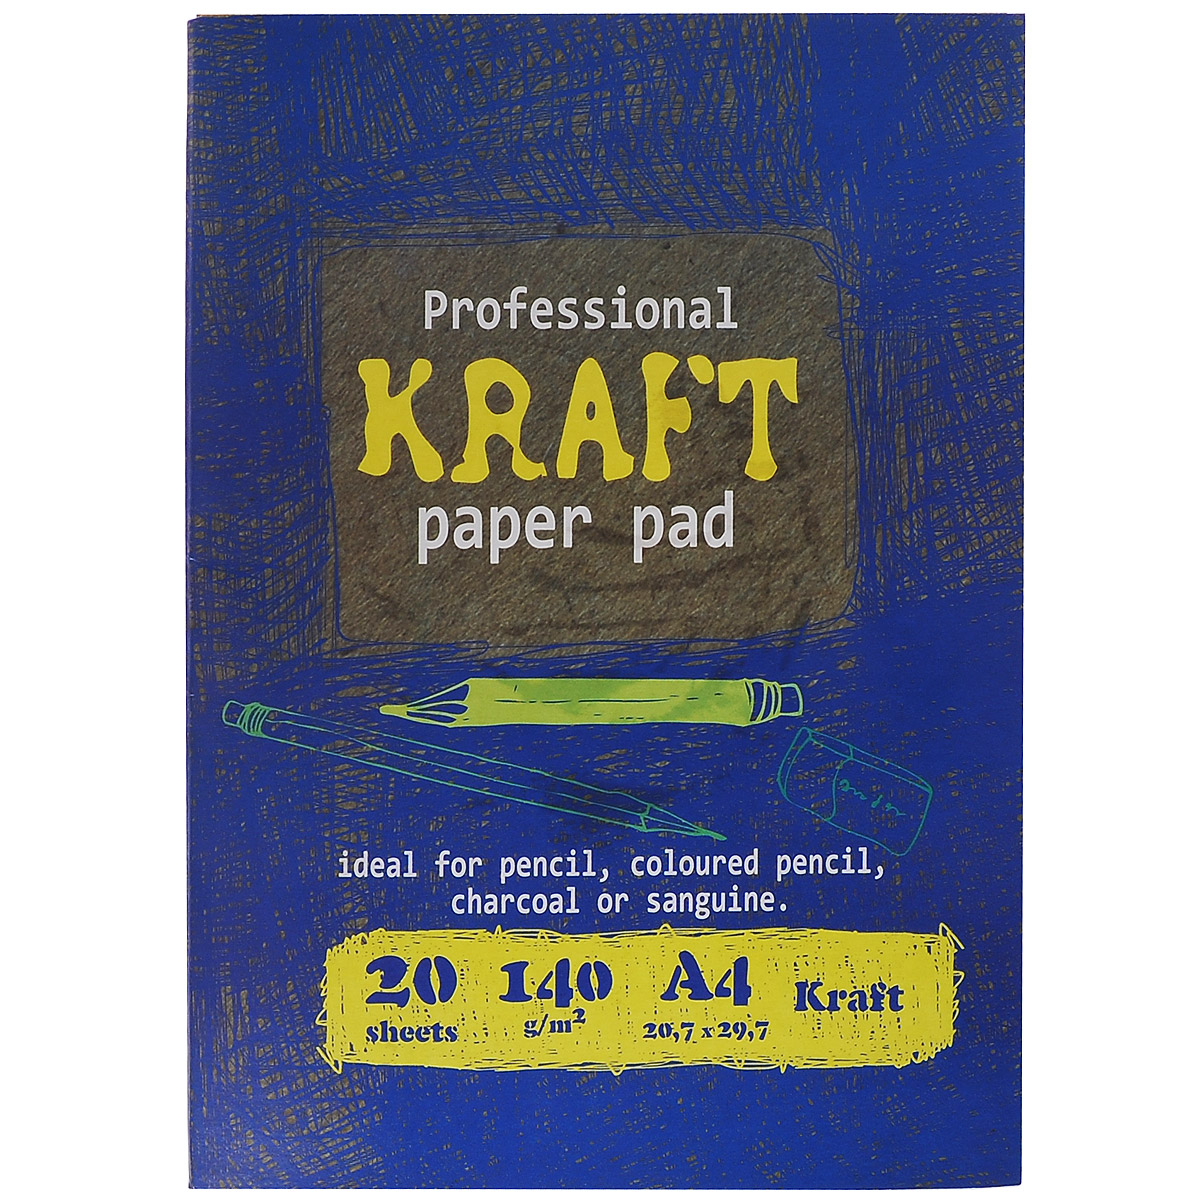 Папка для рисования и эскизов Kroyter, 20 листов, формат А4 канцелярия спейс картон цветной двусторонний а4 7 цветов мелованный в папке 7 листов 48 листов